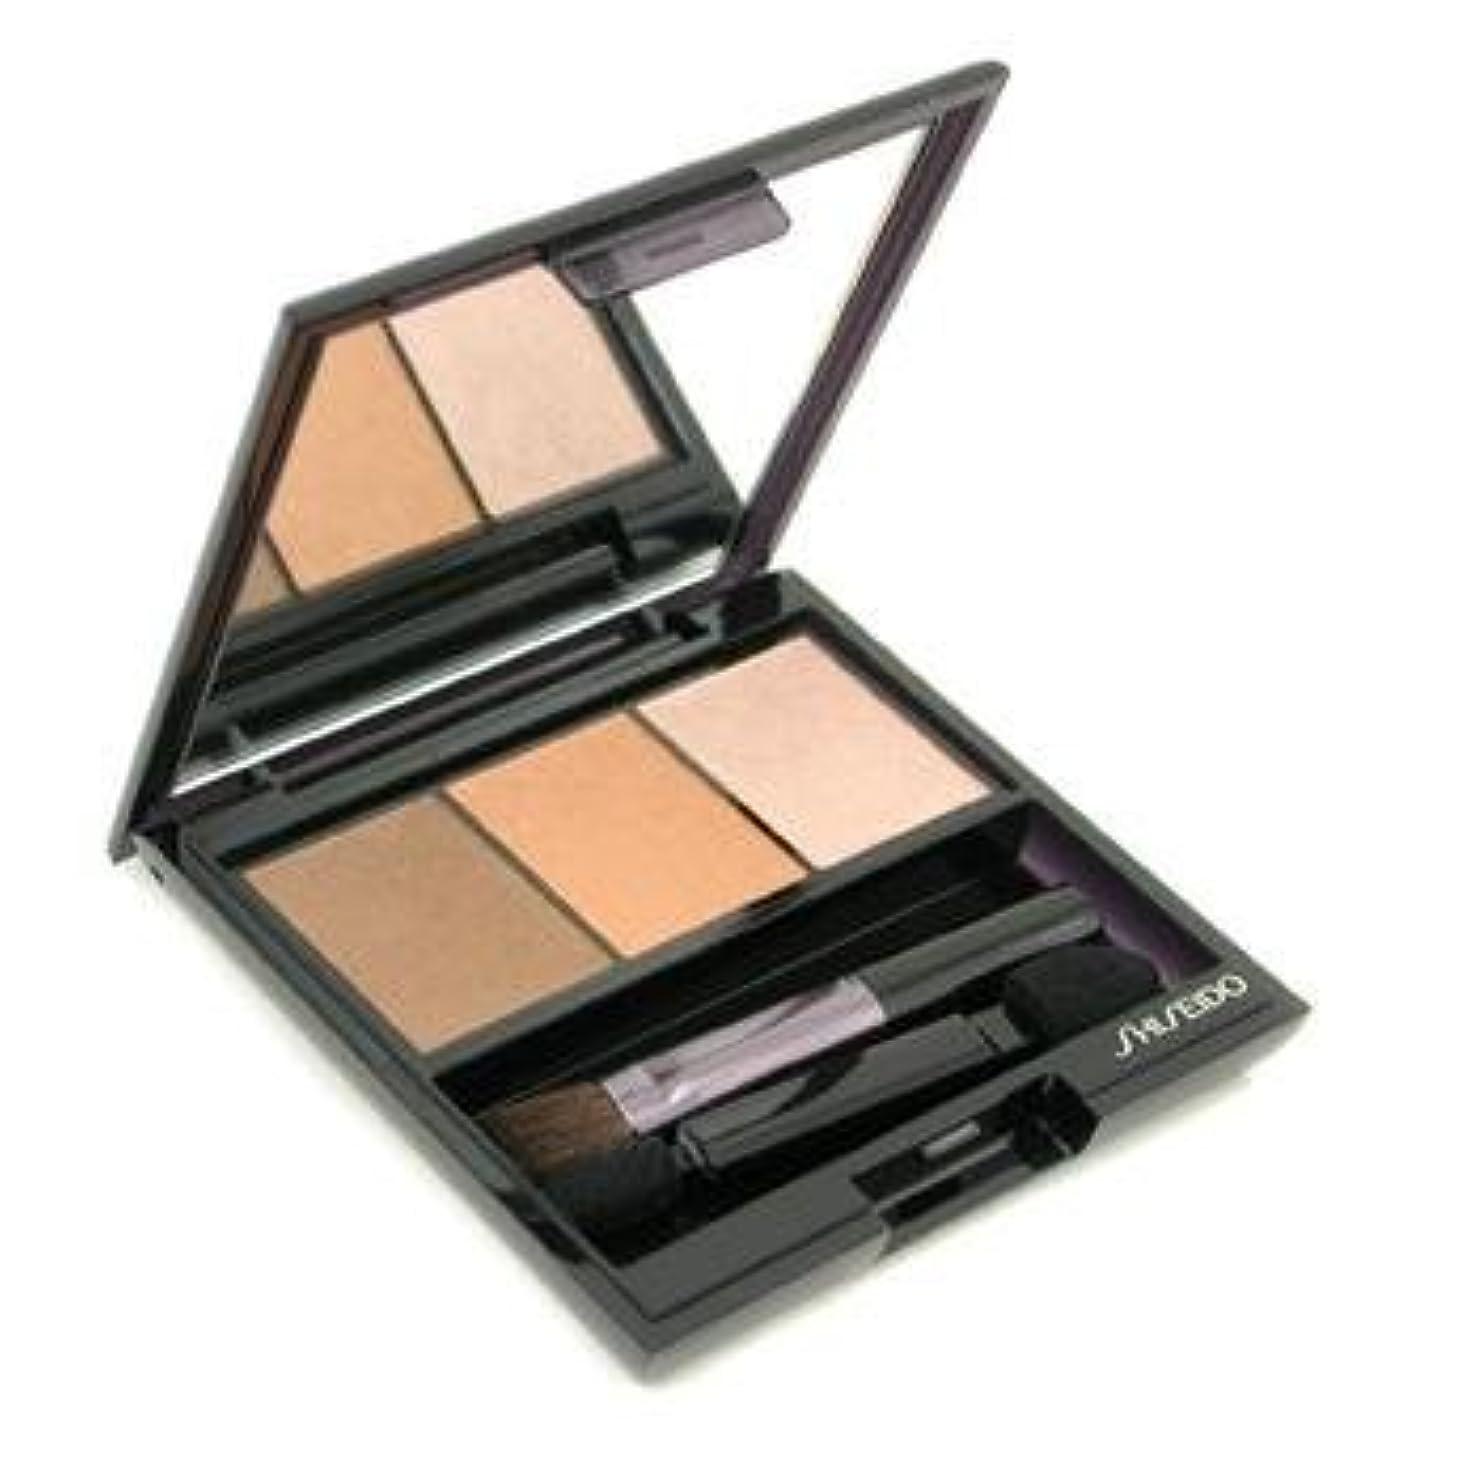 グレードマトンモード資生堂 ルミナイジング サテン アイカラー トリオ BR209(Shiseido Luminizing Satin Eye Color Trio BR209) [並行輸入品]